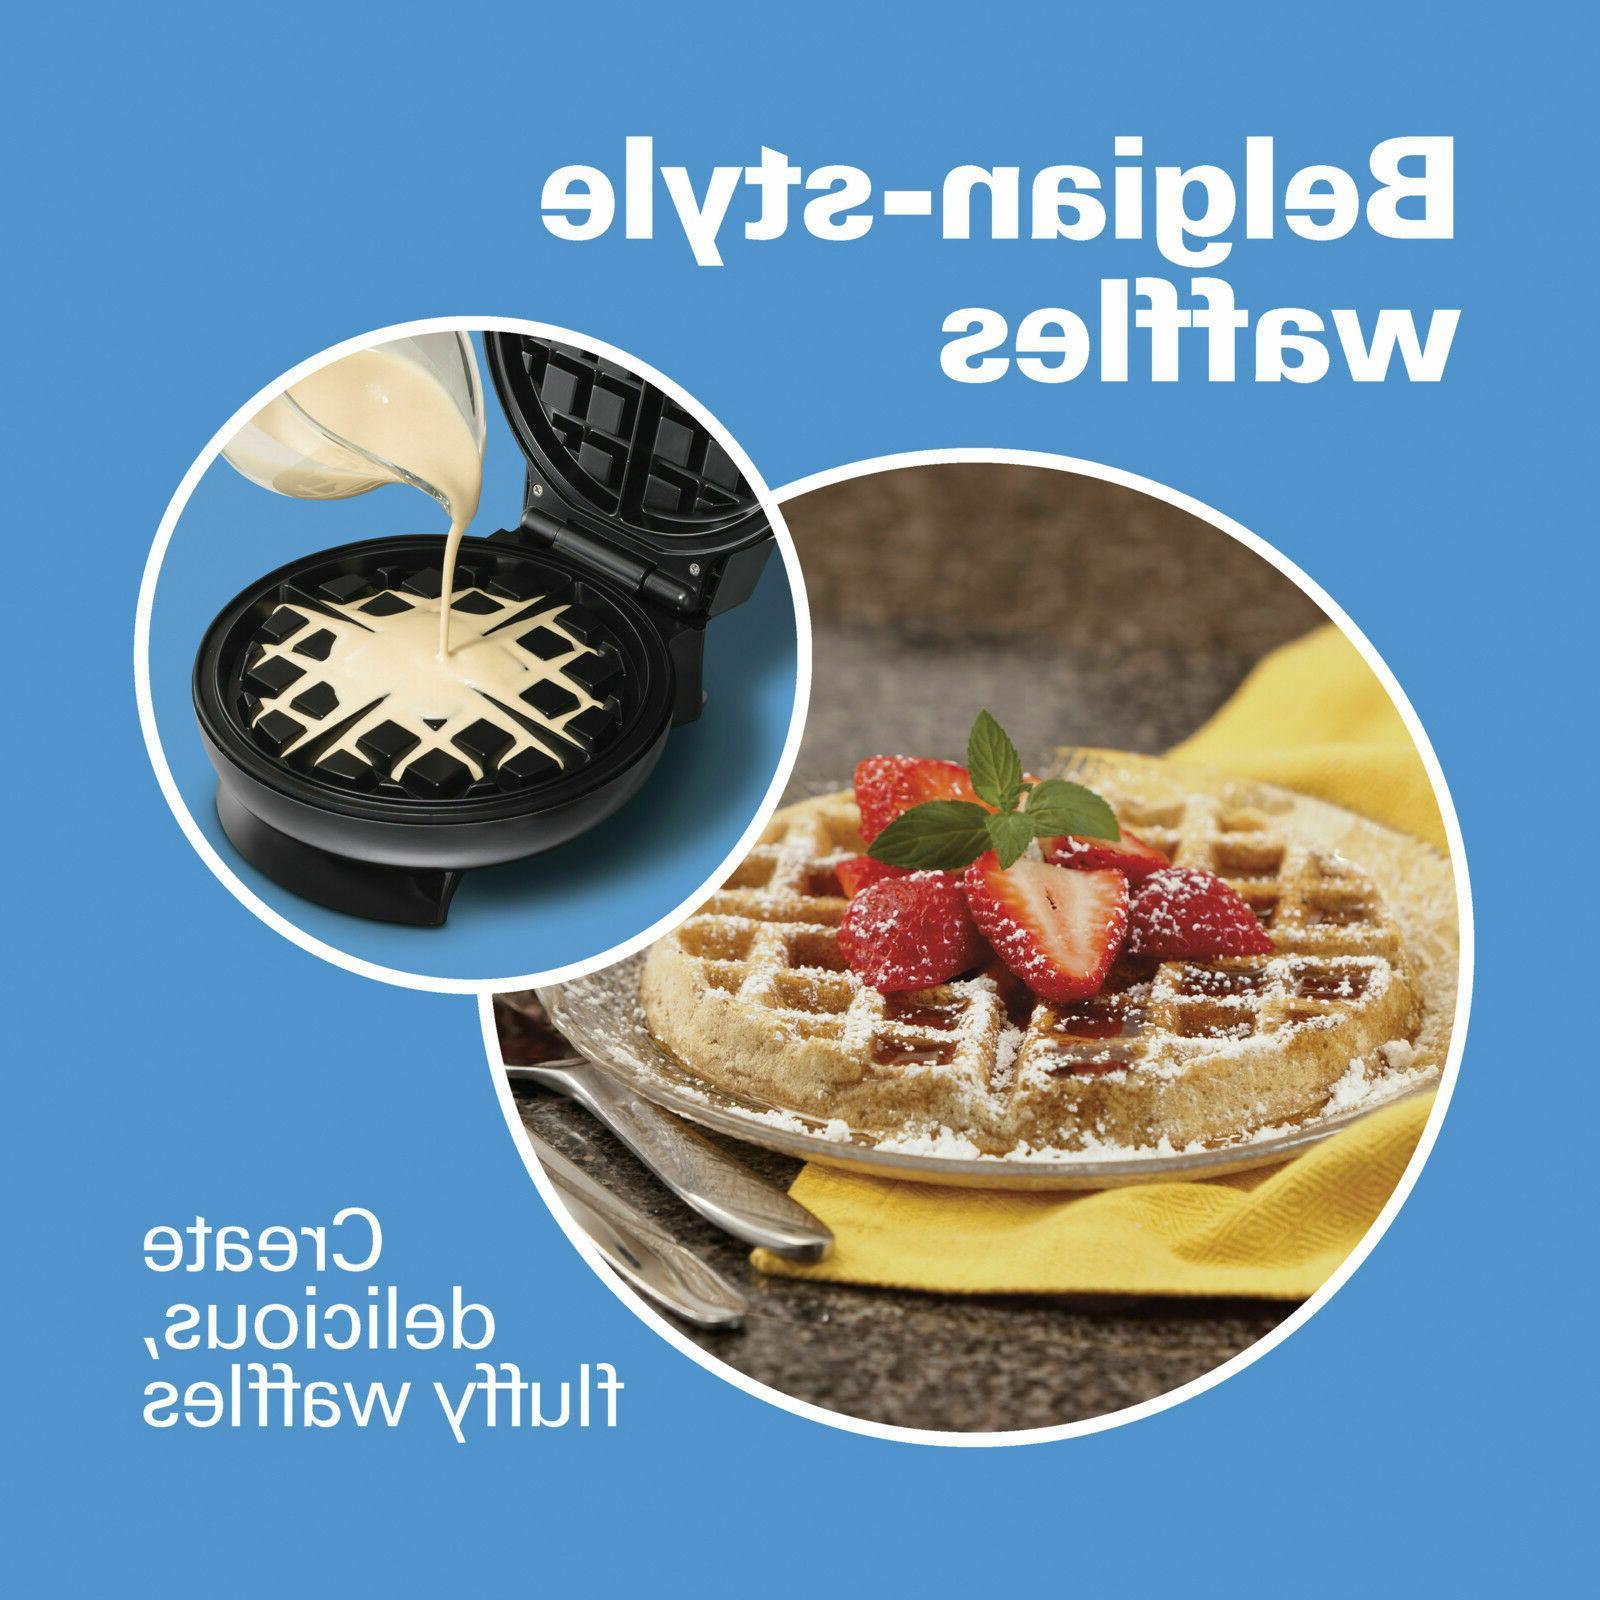 Hamilton Beach Waffle Maker Appliance Breakfast